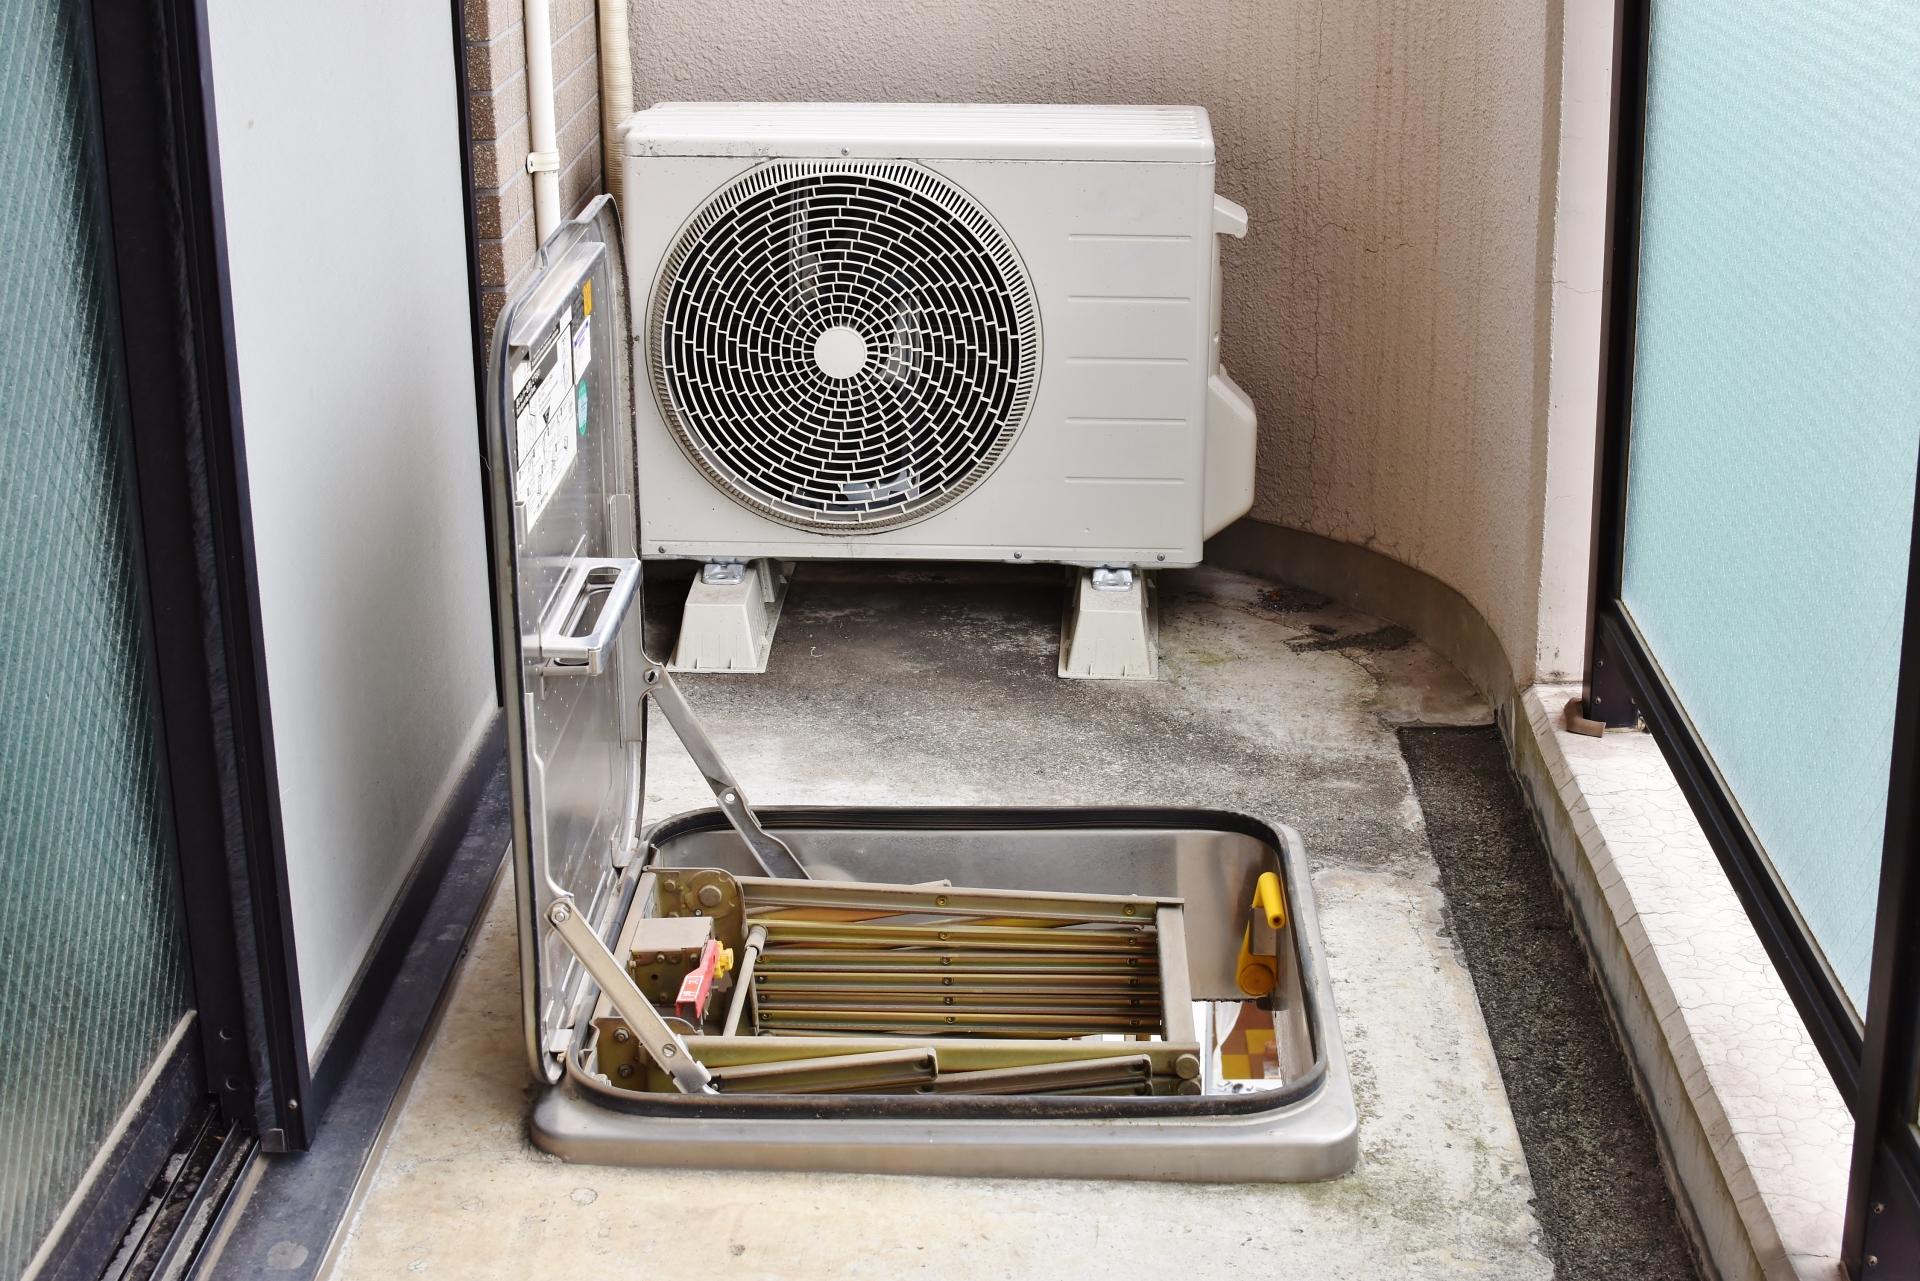 消防点検はマンションで無視してはいけない!理由やリスクと責任